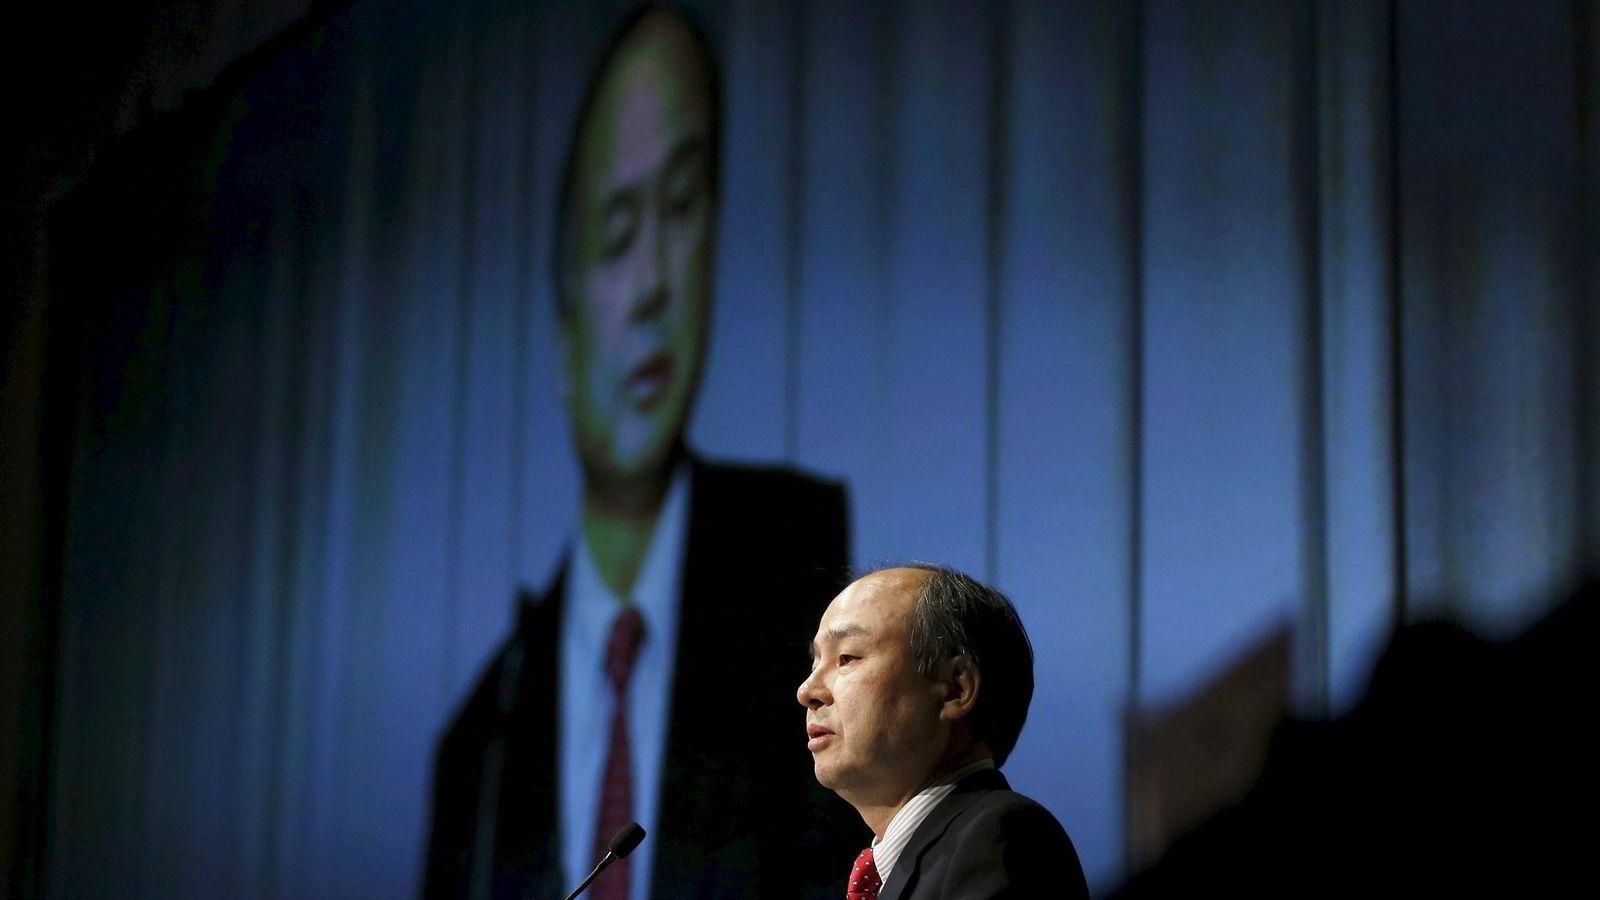 Softbank-grunnlegger Masayoshi Son er kjent for å ta risiko som få andre japanske næringslivsledere. Foto: Toru Hanai/Reuters/NTB Scanpix